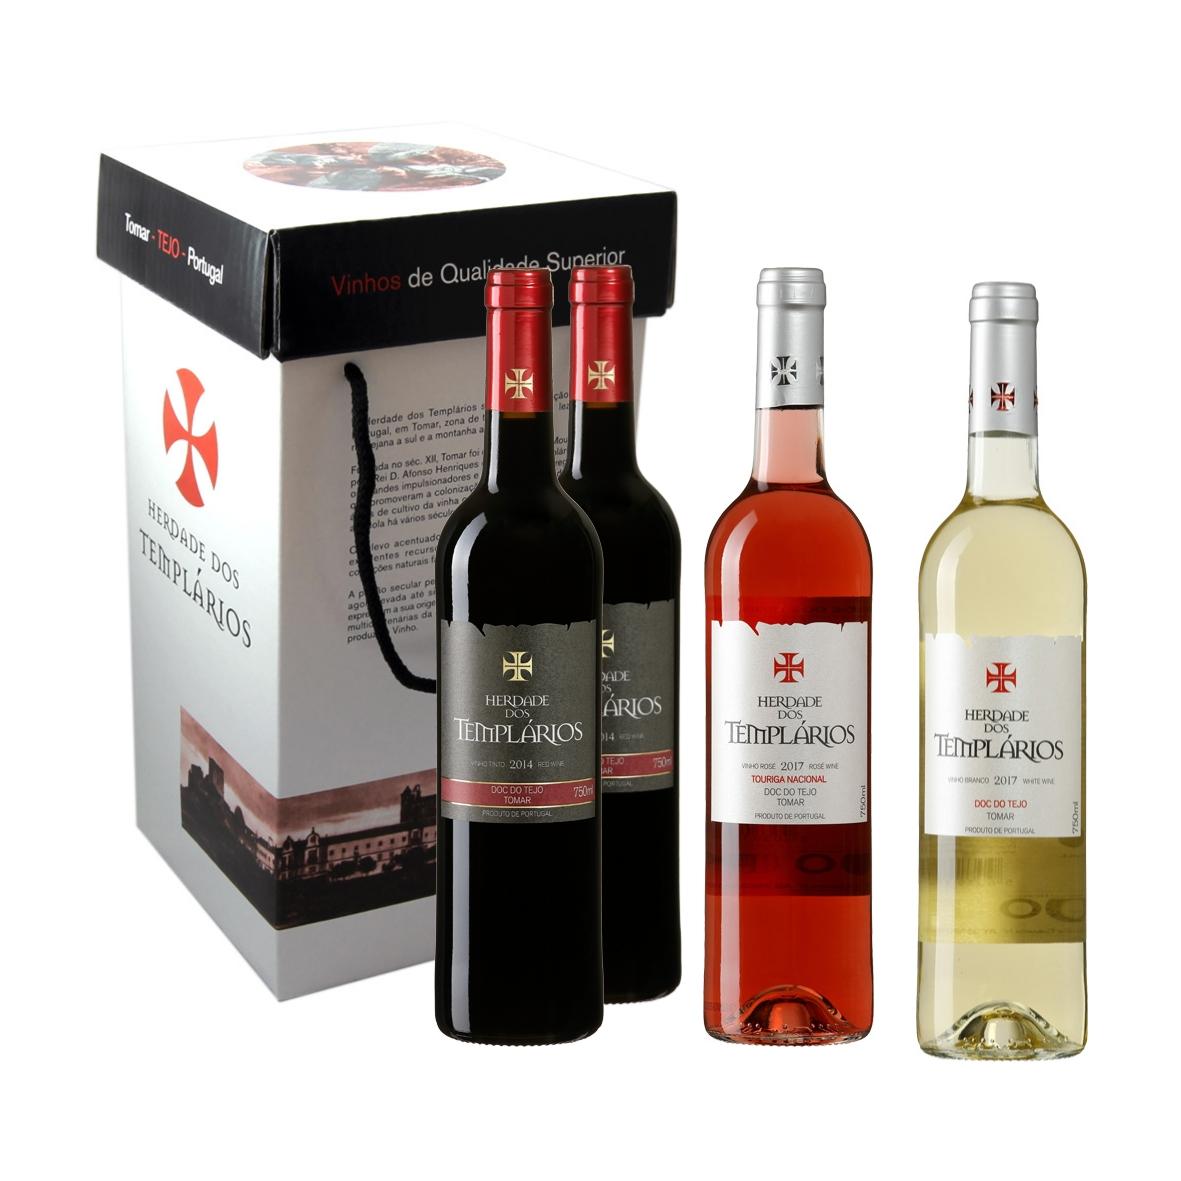 Caixa cartão mista com 4 vinhos